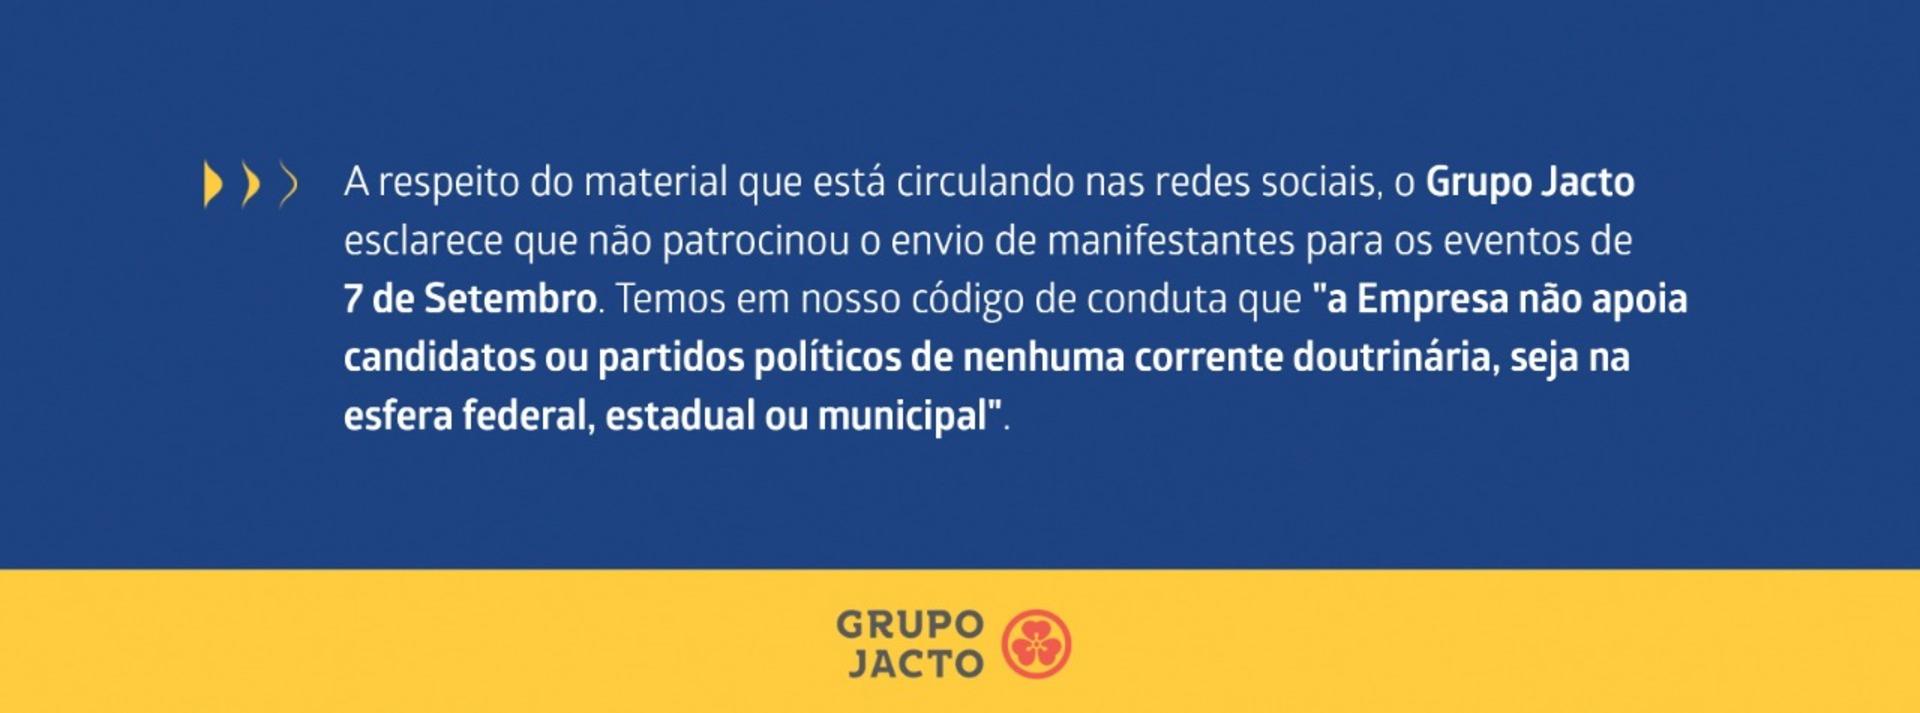 banner_rodojacto_principal.jpeg